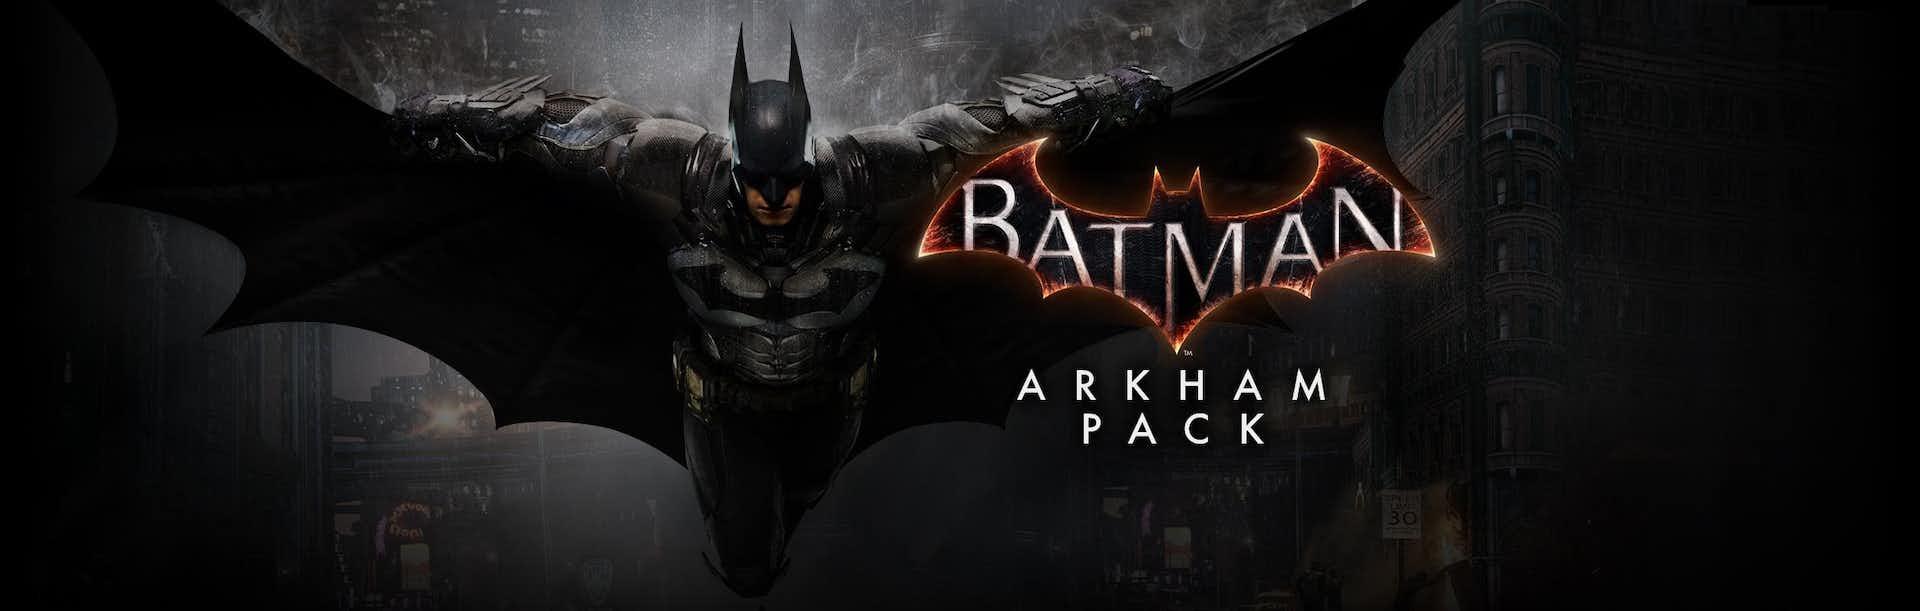 Batman Arkham Pack Complet à 9,99€ ! (PC) 2